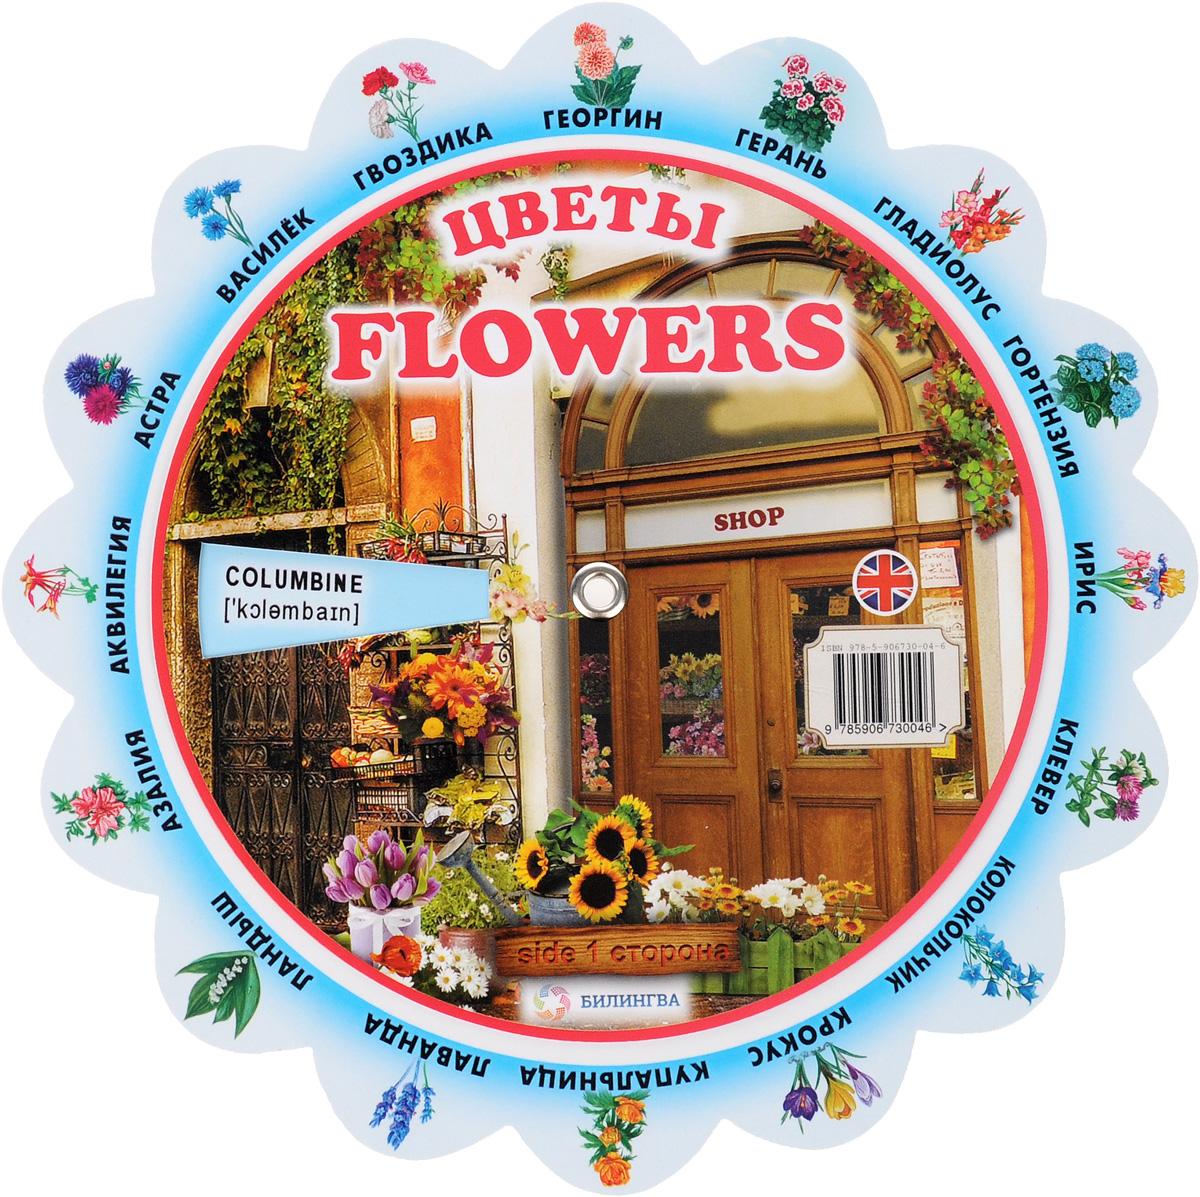 Flowers /Цветы. Иллюстрированный тематический словарь ( 978-5-906730-04-6 )